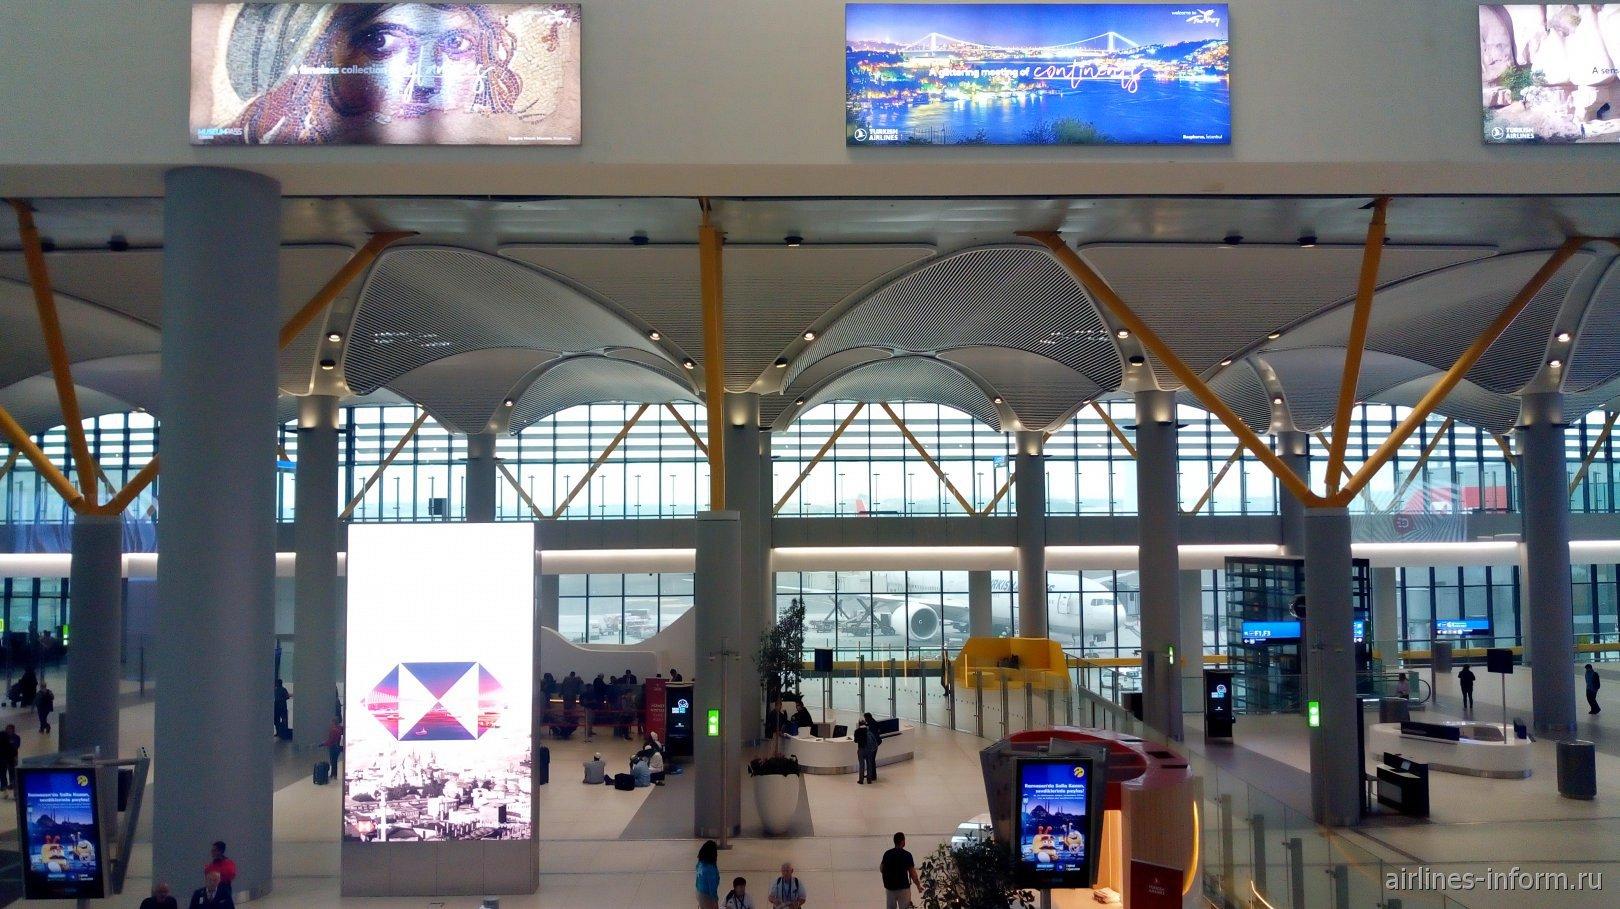 Чистая зона аэропорта Стамбул Новый